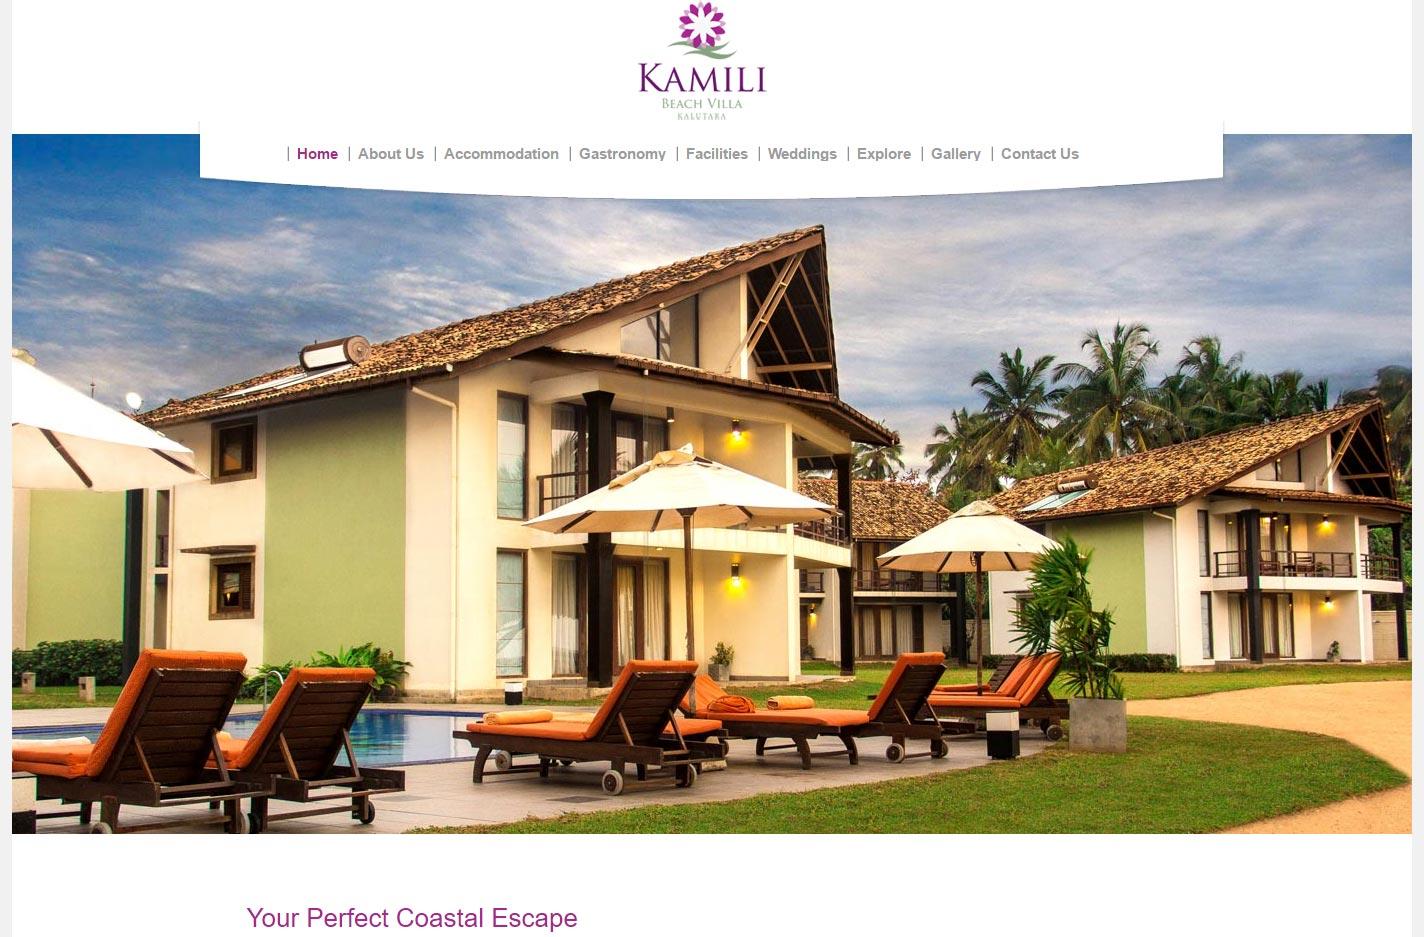 www.kamilibeach.com